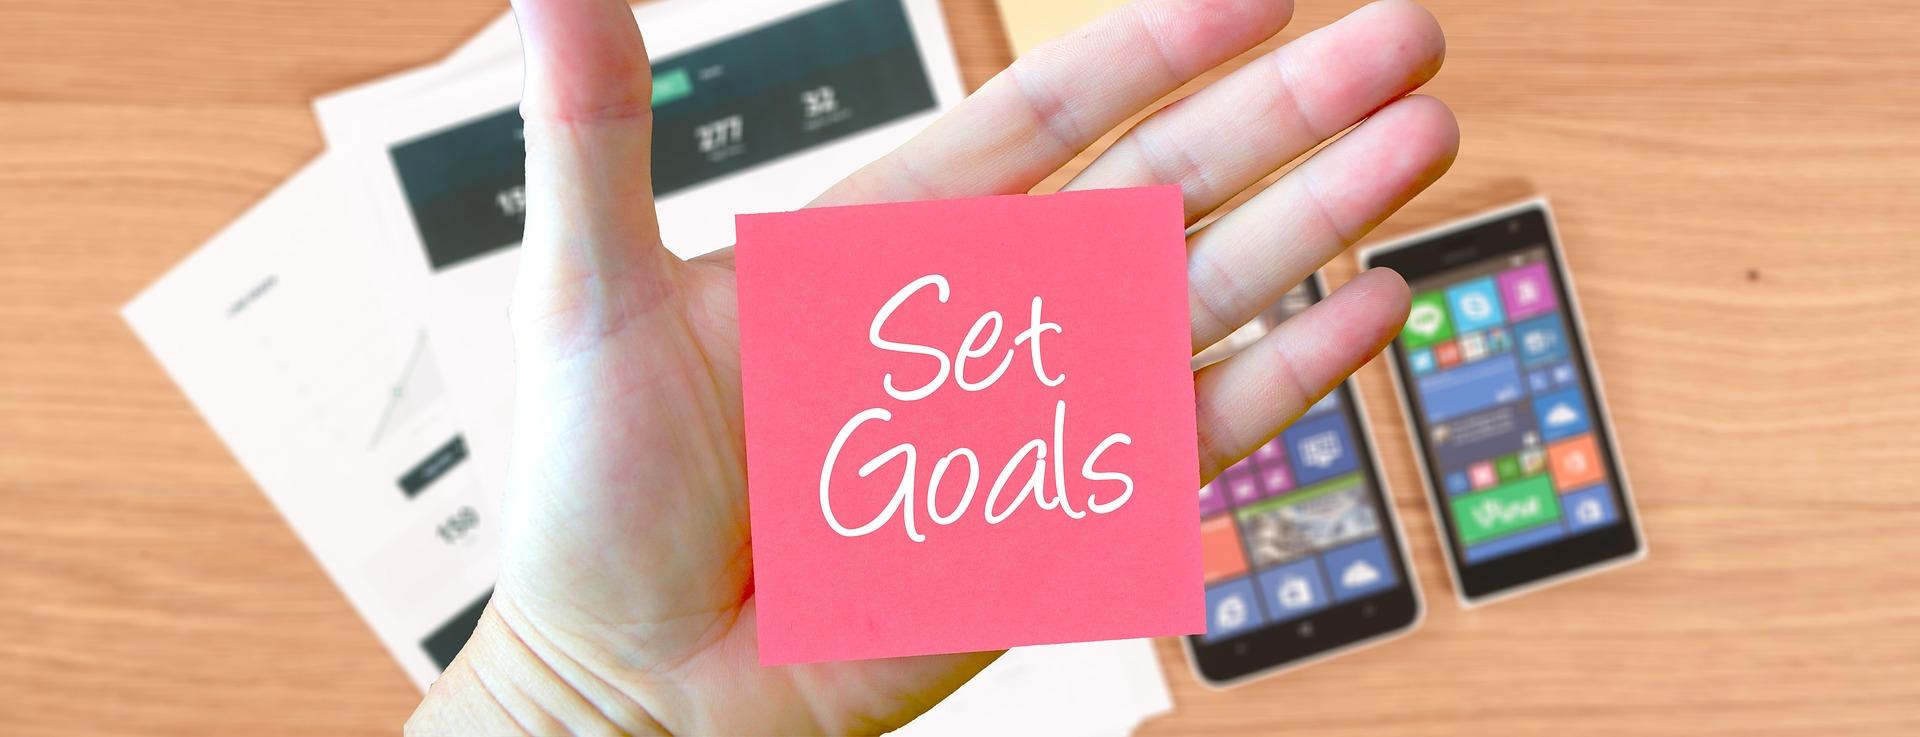 goals-2691265_1920.jpg